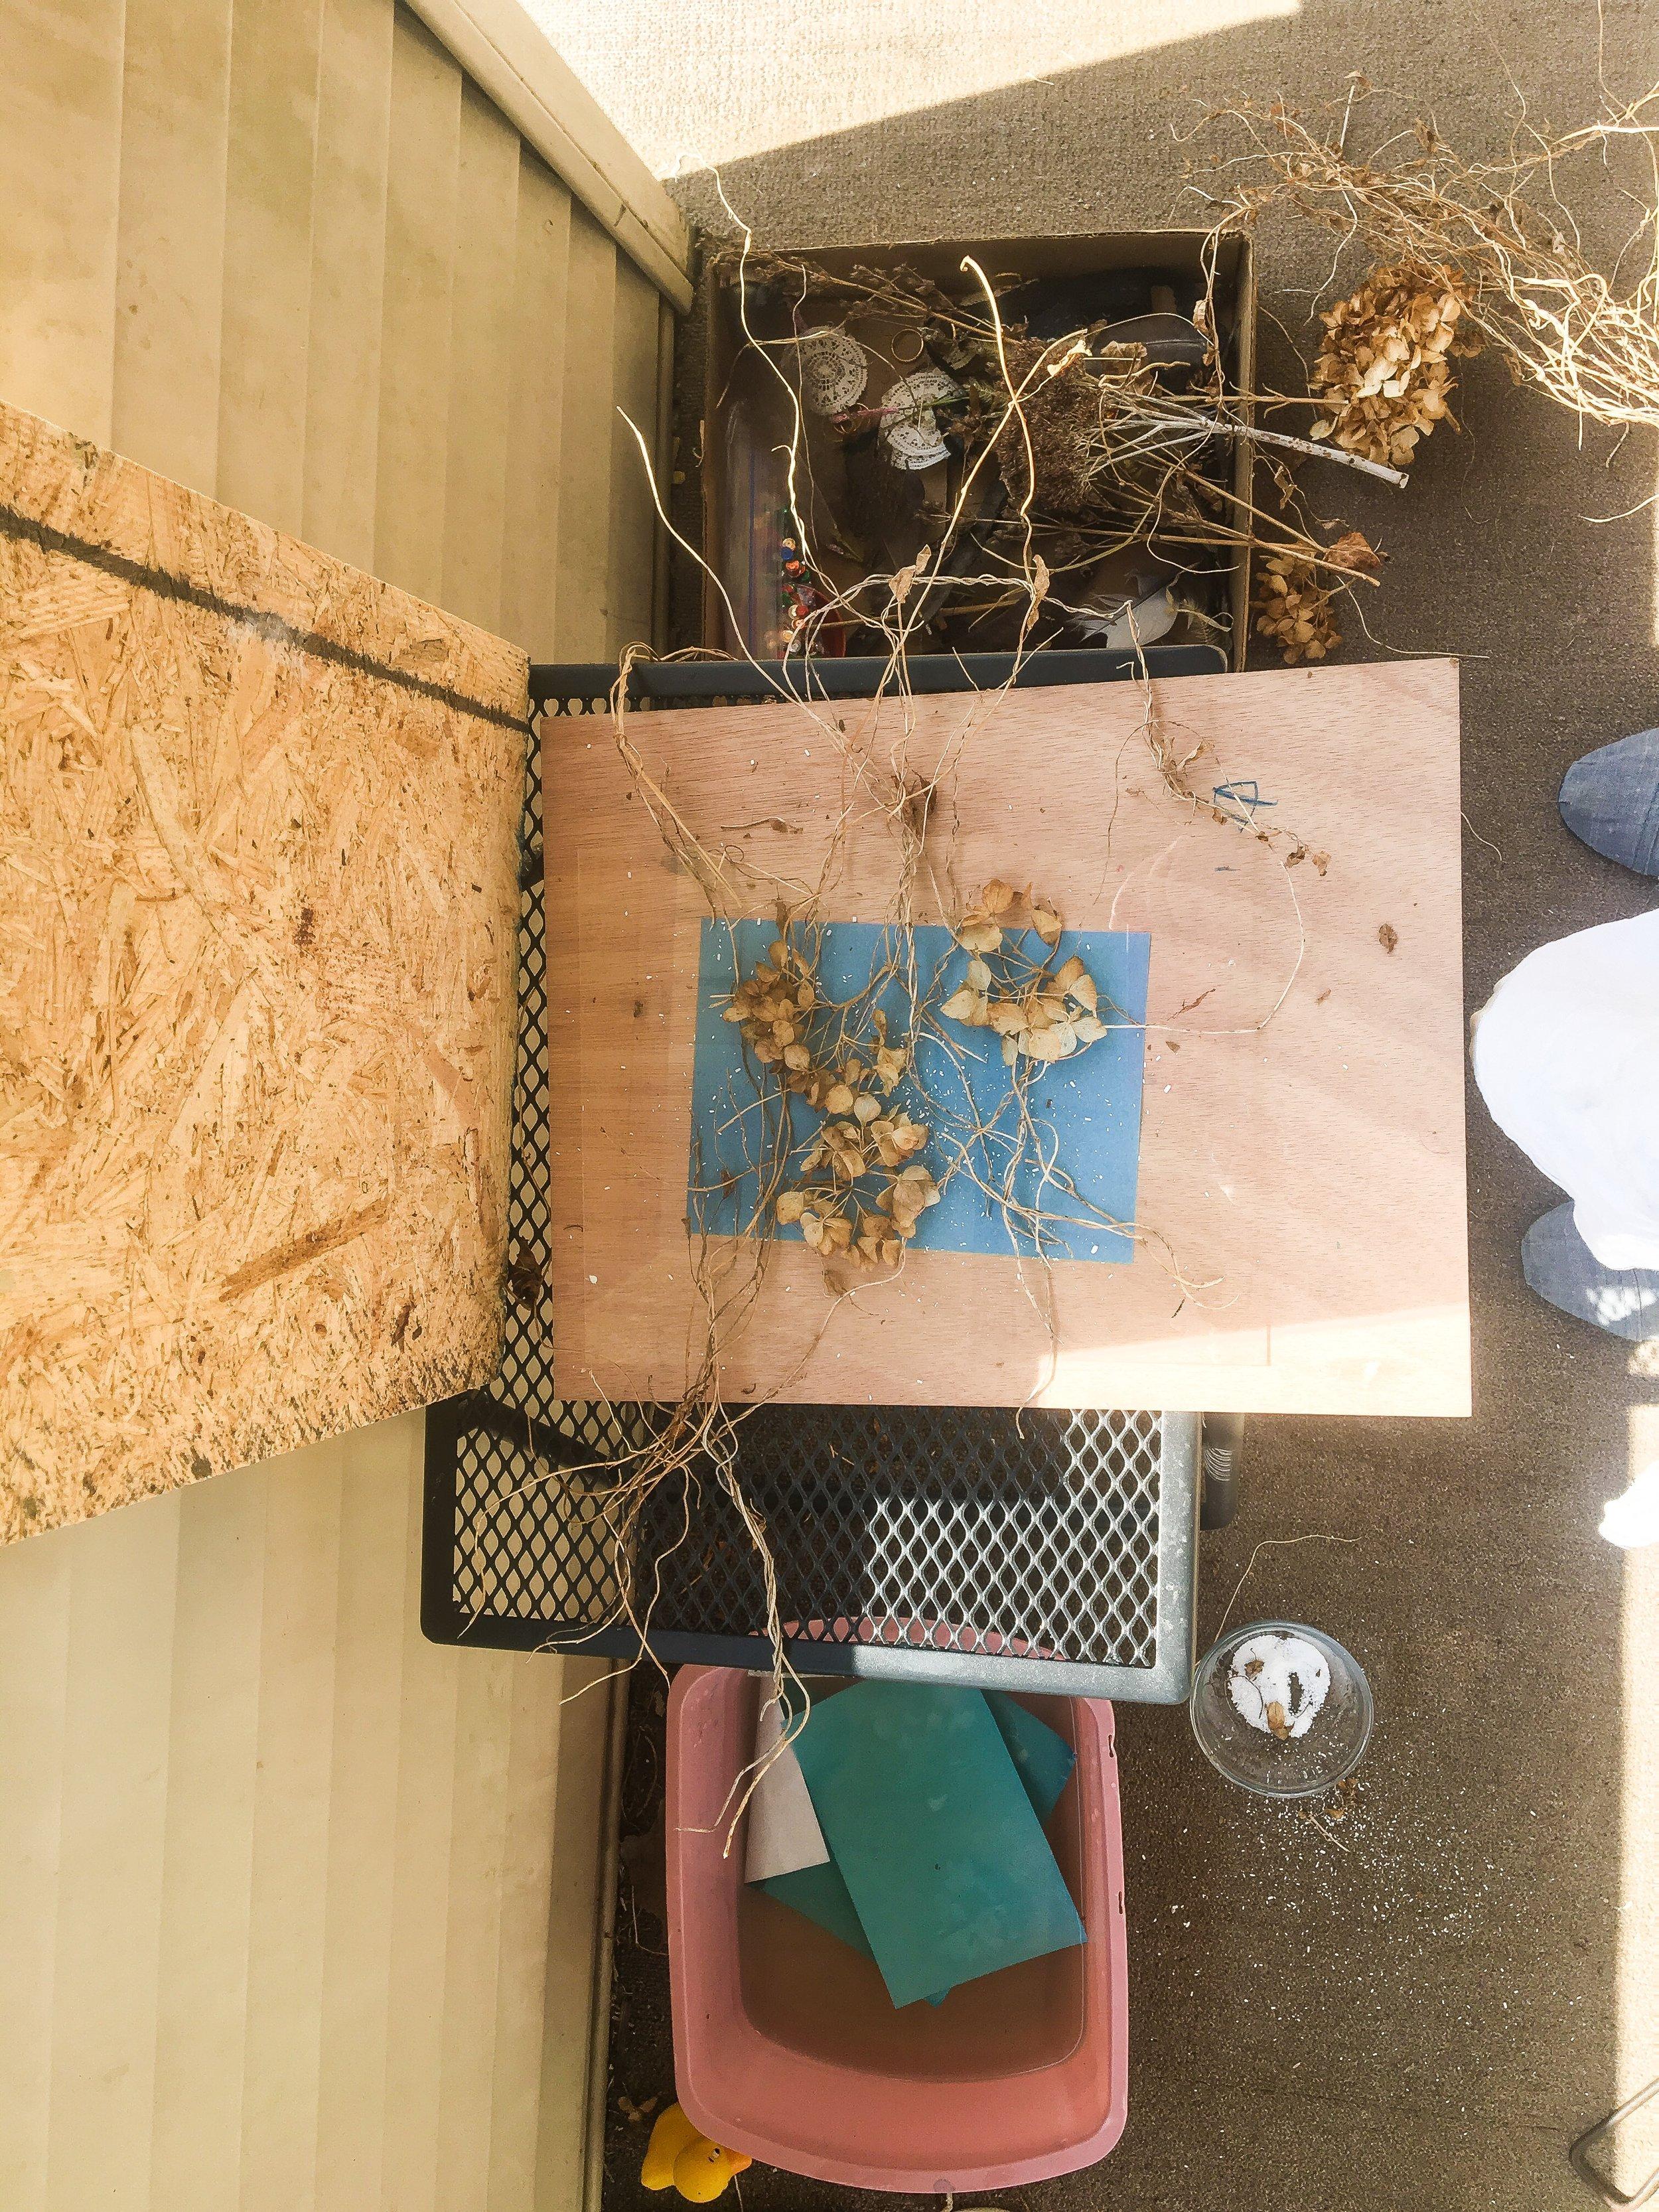 Outdoor studio || Omaha, NE || Rachel Loewens